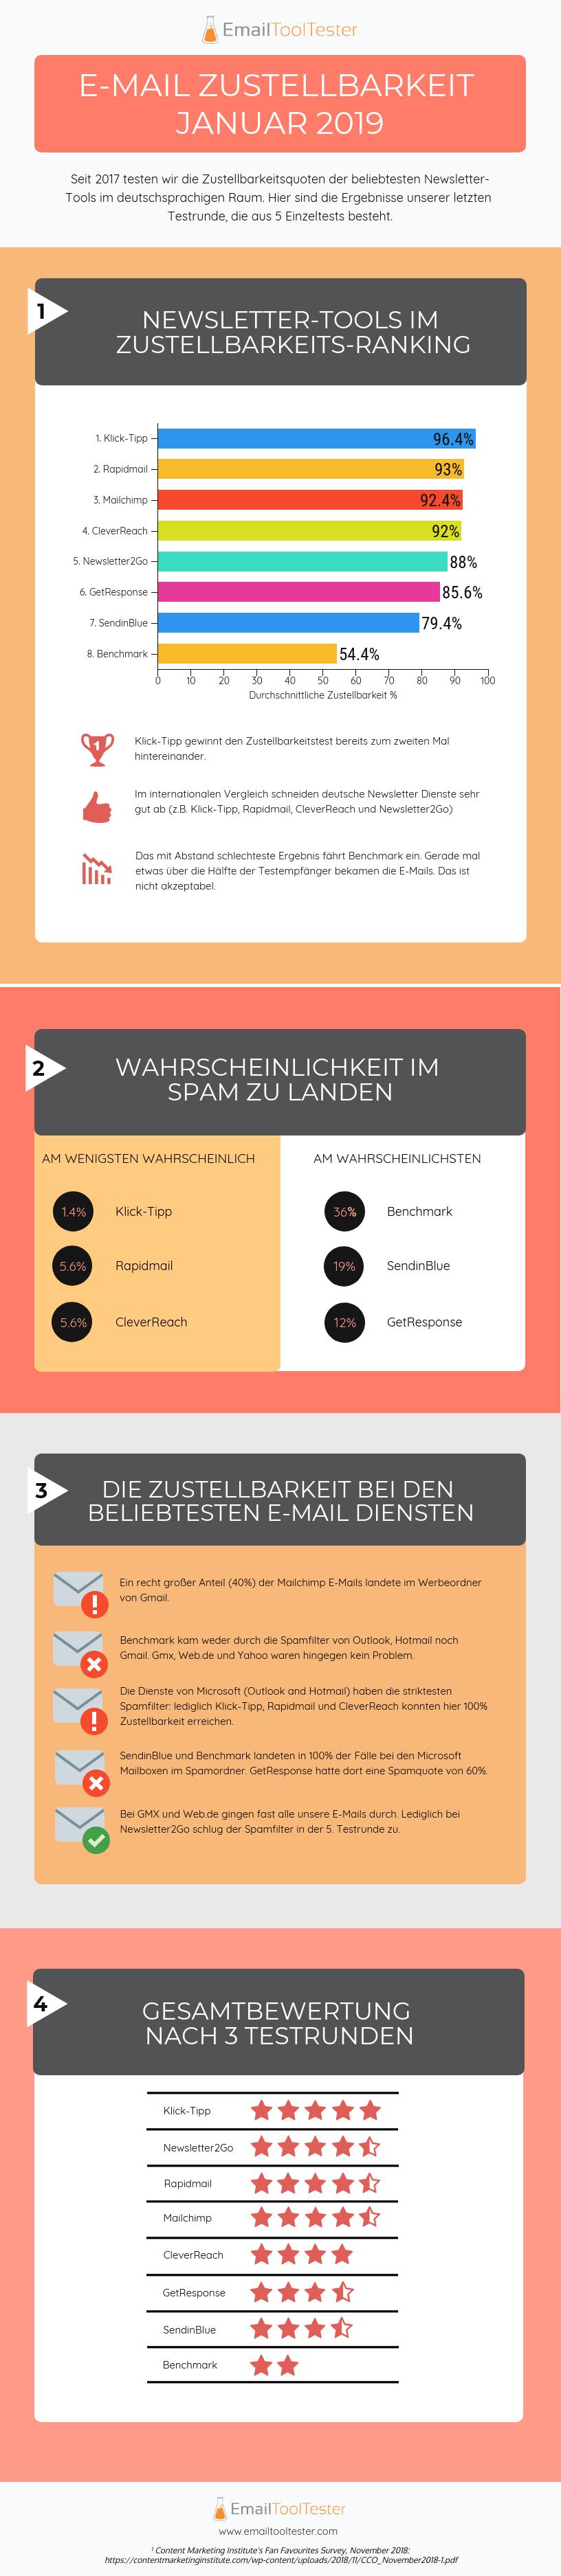 email-zustellbarkeit-infografik-2019